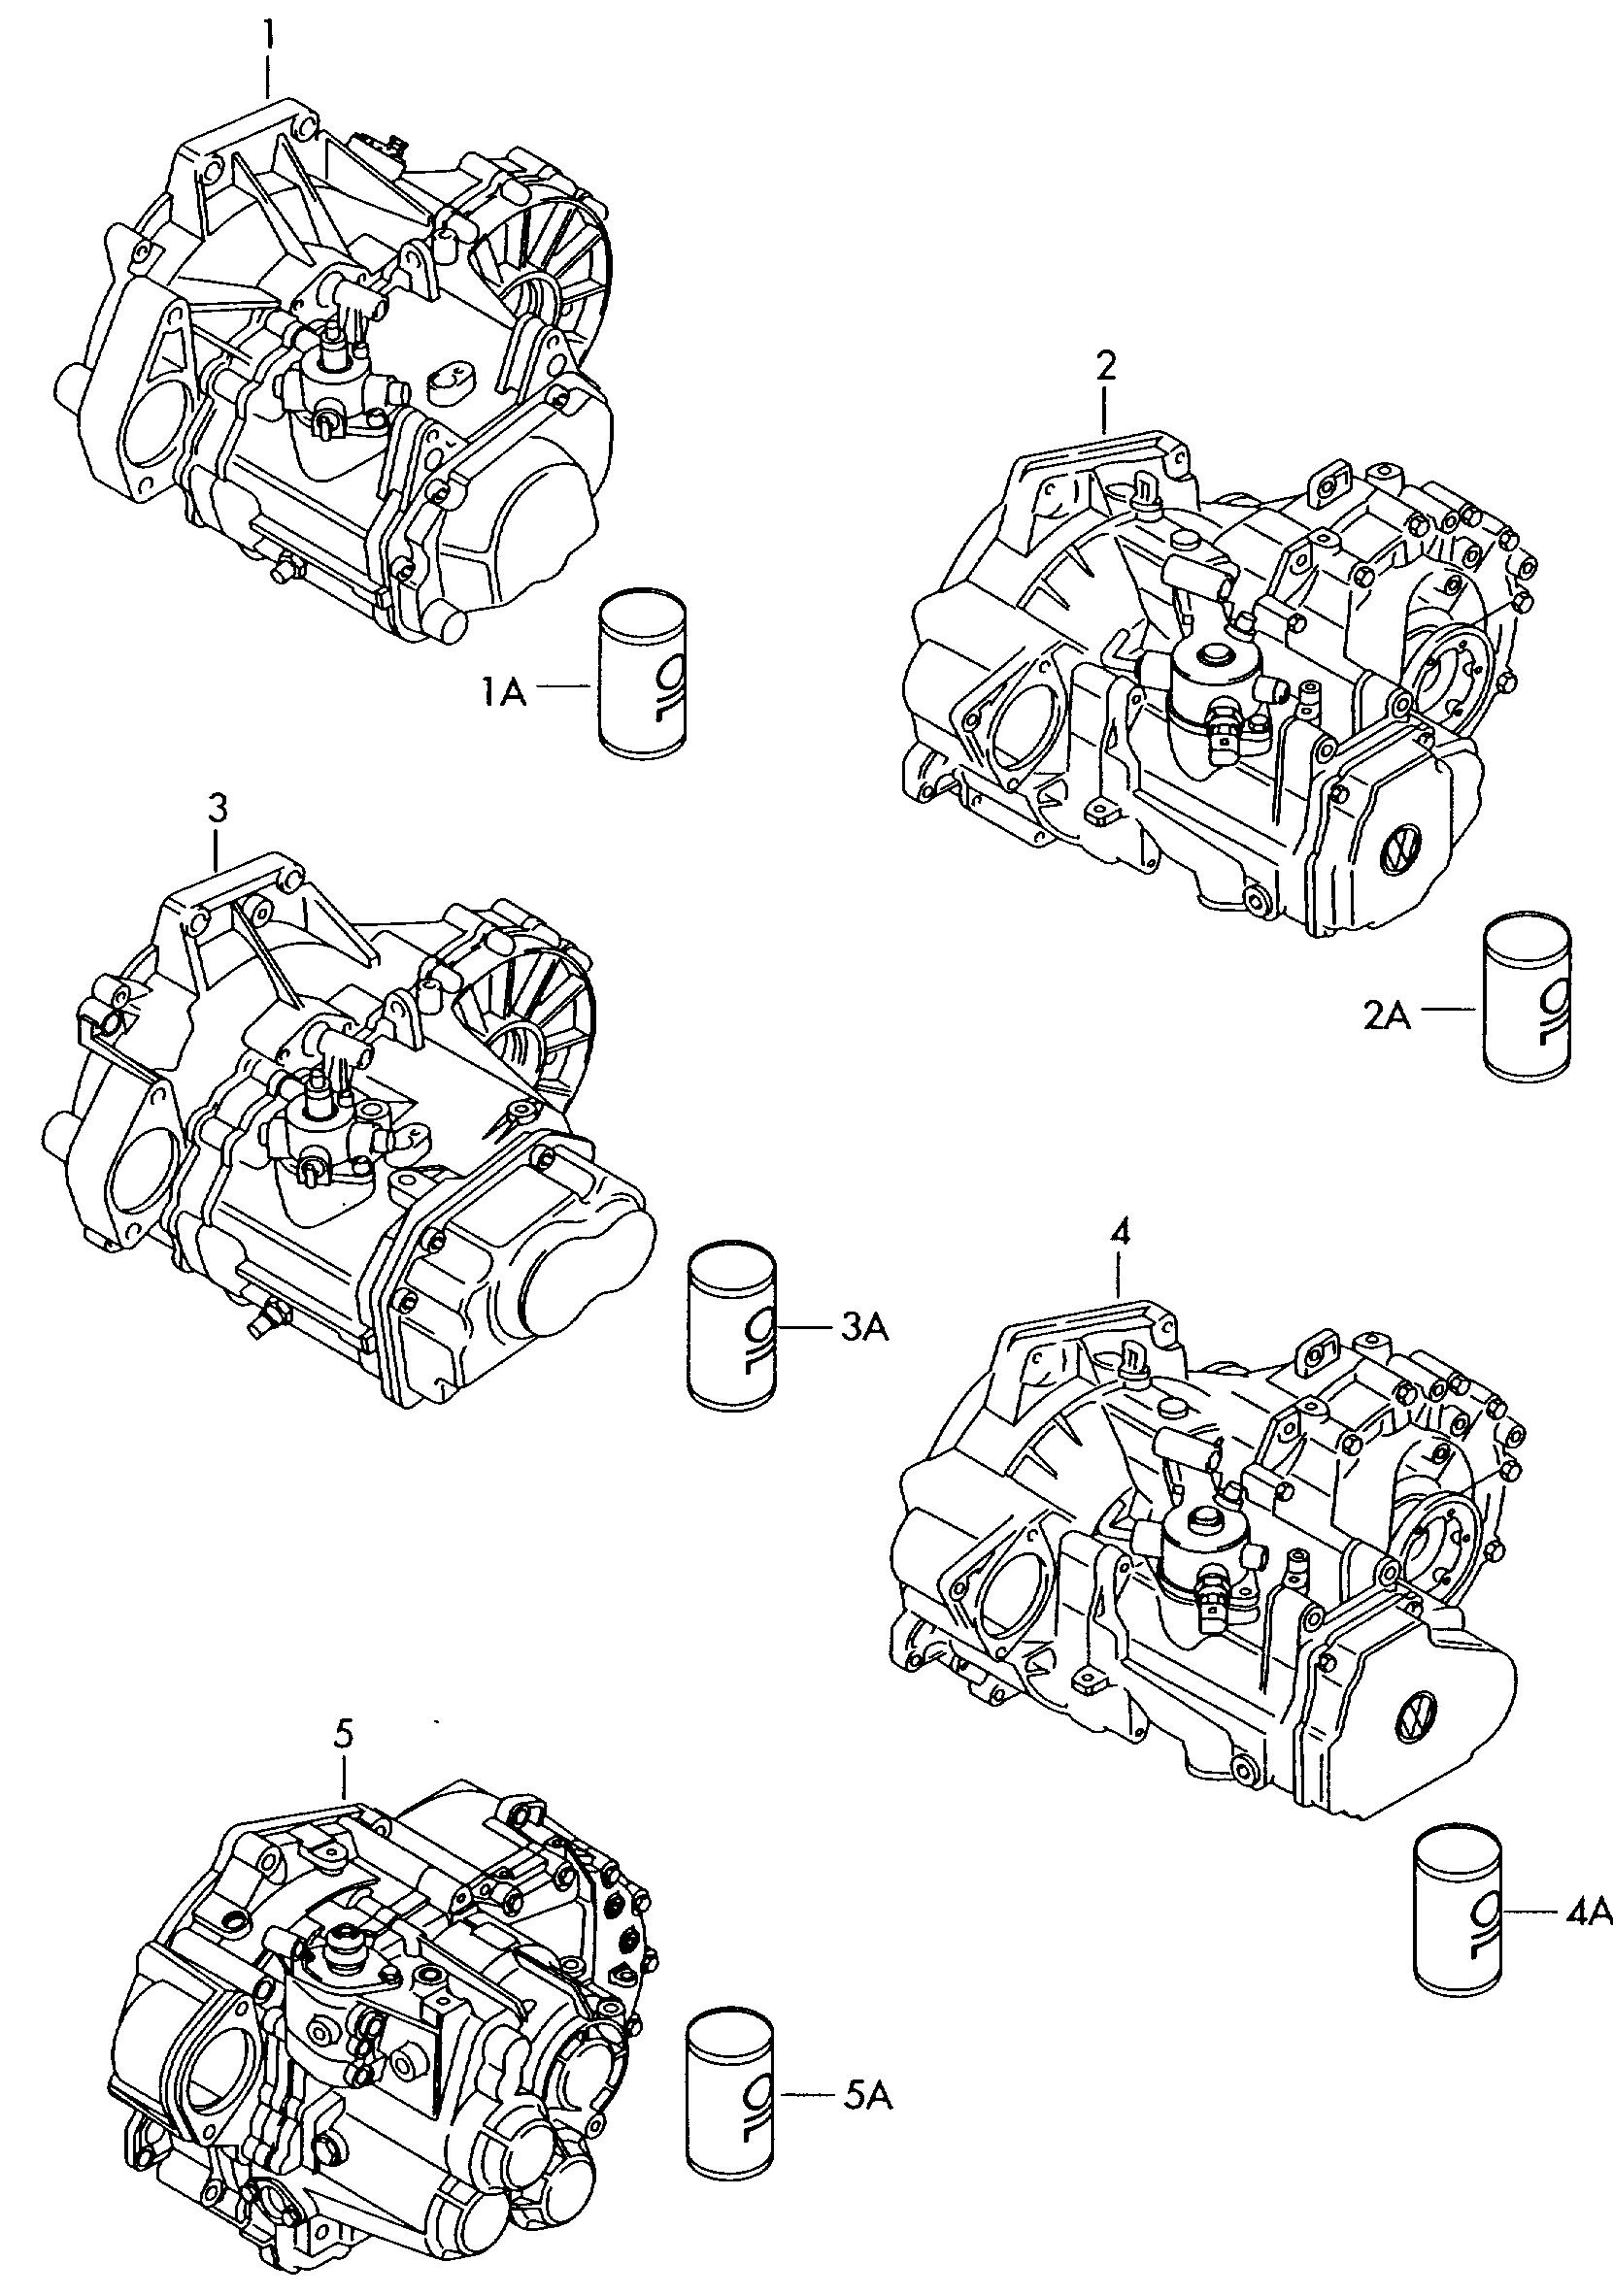 Skoda Octavia (2013 - 2017) - gearbox, complete  for 6 speed